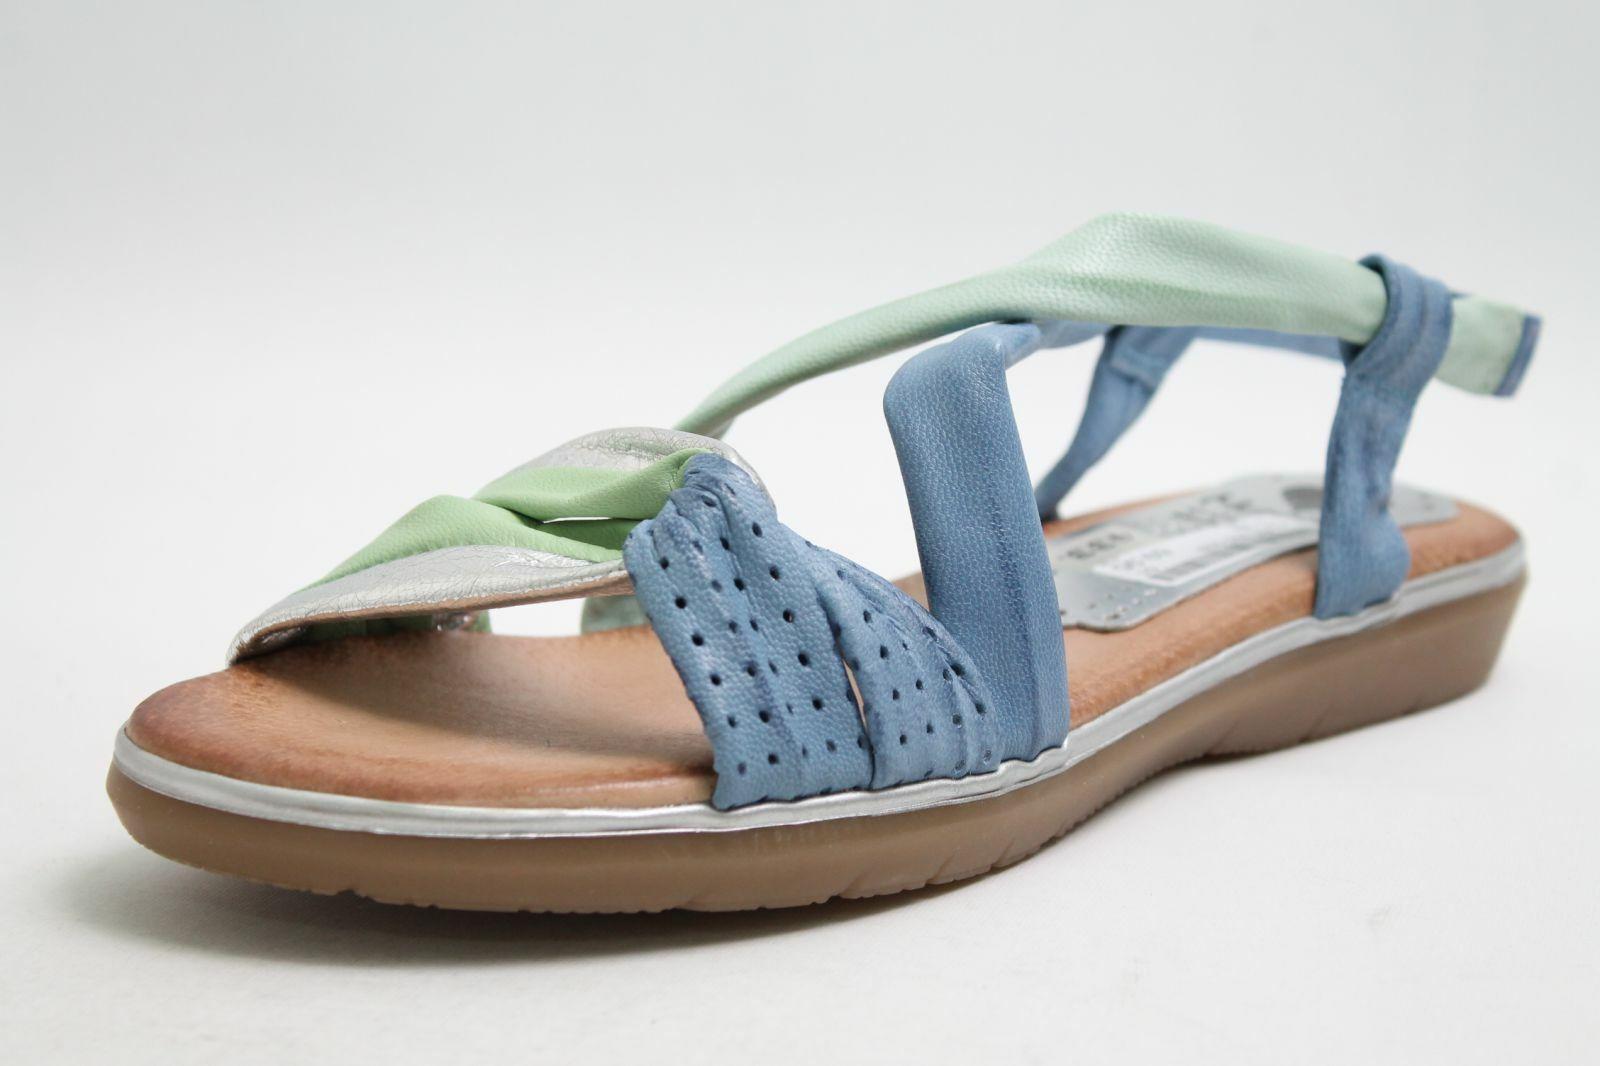 Marila Sandaletten blau Leder komfort Fußbett Vario Damen